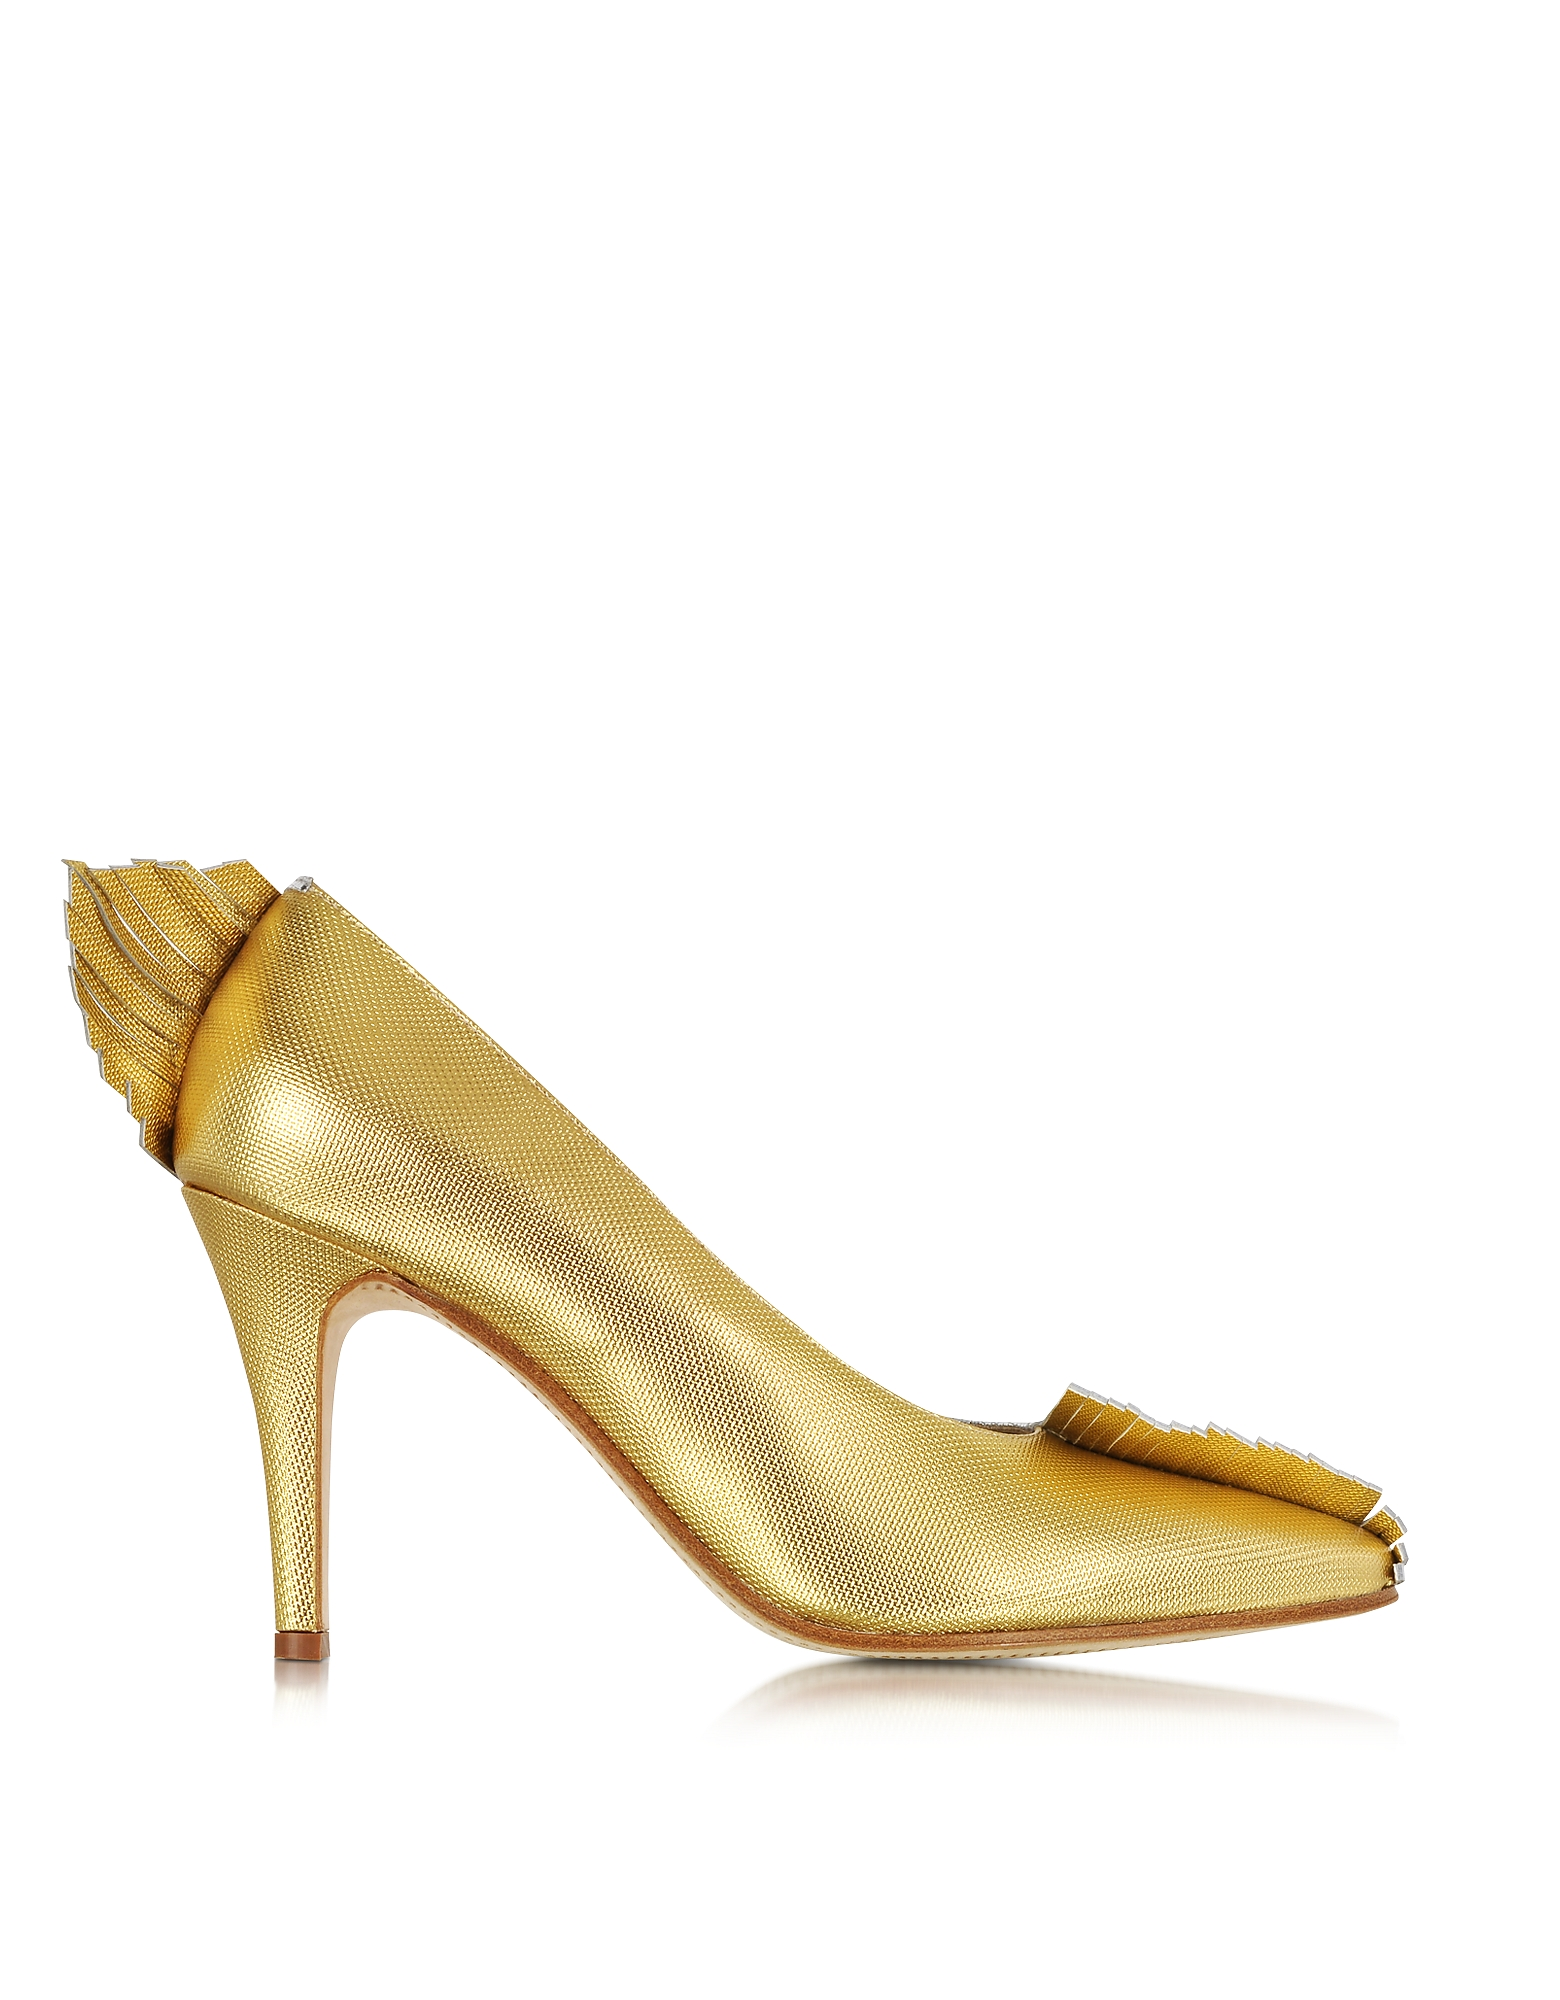 Ama- Двухцветные Туфли-Лодочки из Кожи Металлик с Бахромой